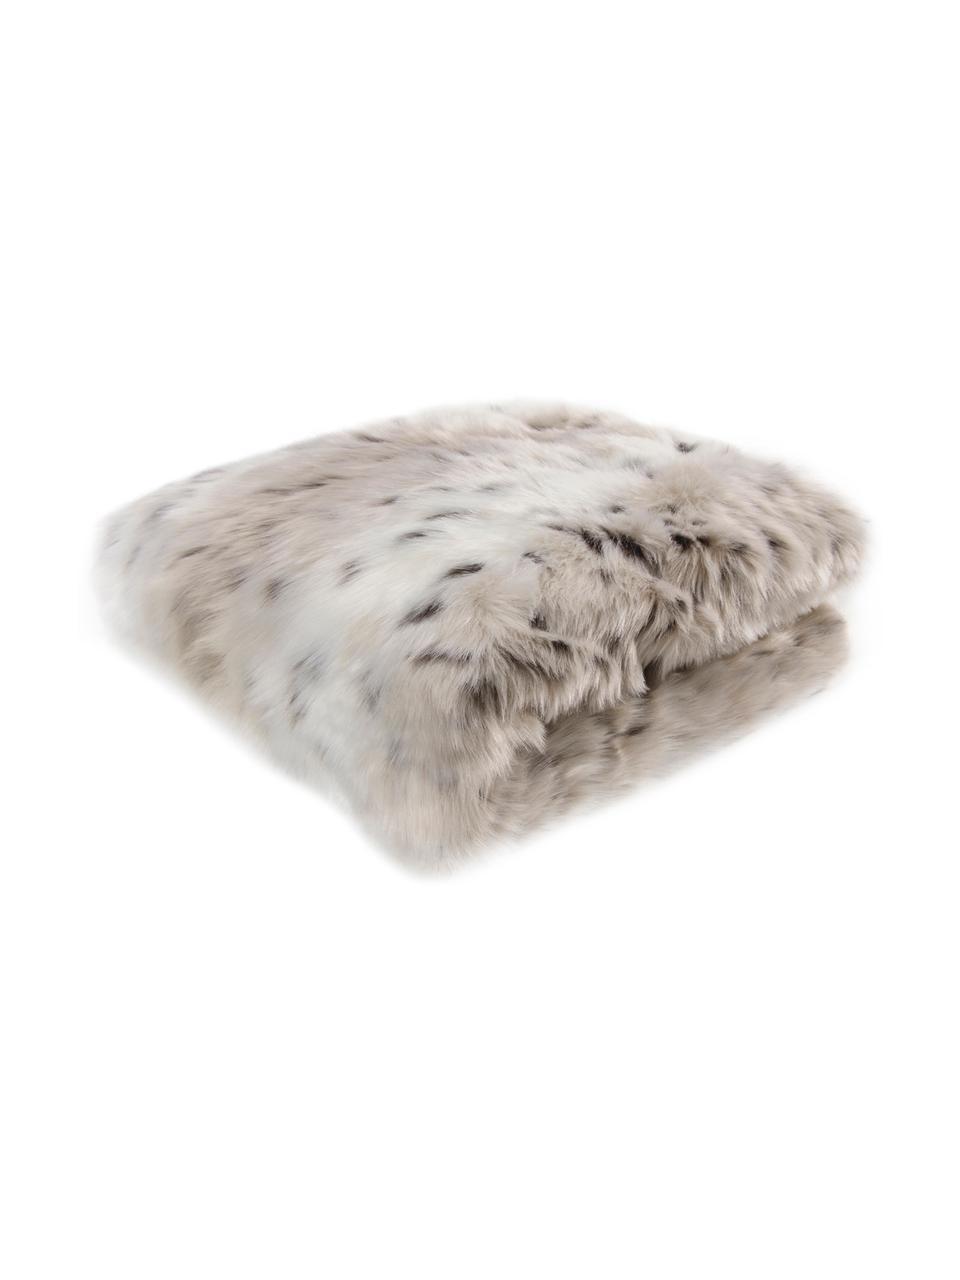 Zachte plaid Skins van imitatieleer in sneeuwluipaardlook, Bovenzijde: wit, lichtbruin, bruin. Onderzijde: ivoorkleurig, 150 x 200 cm